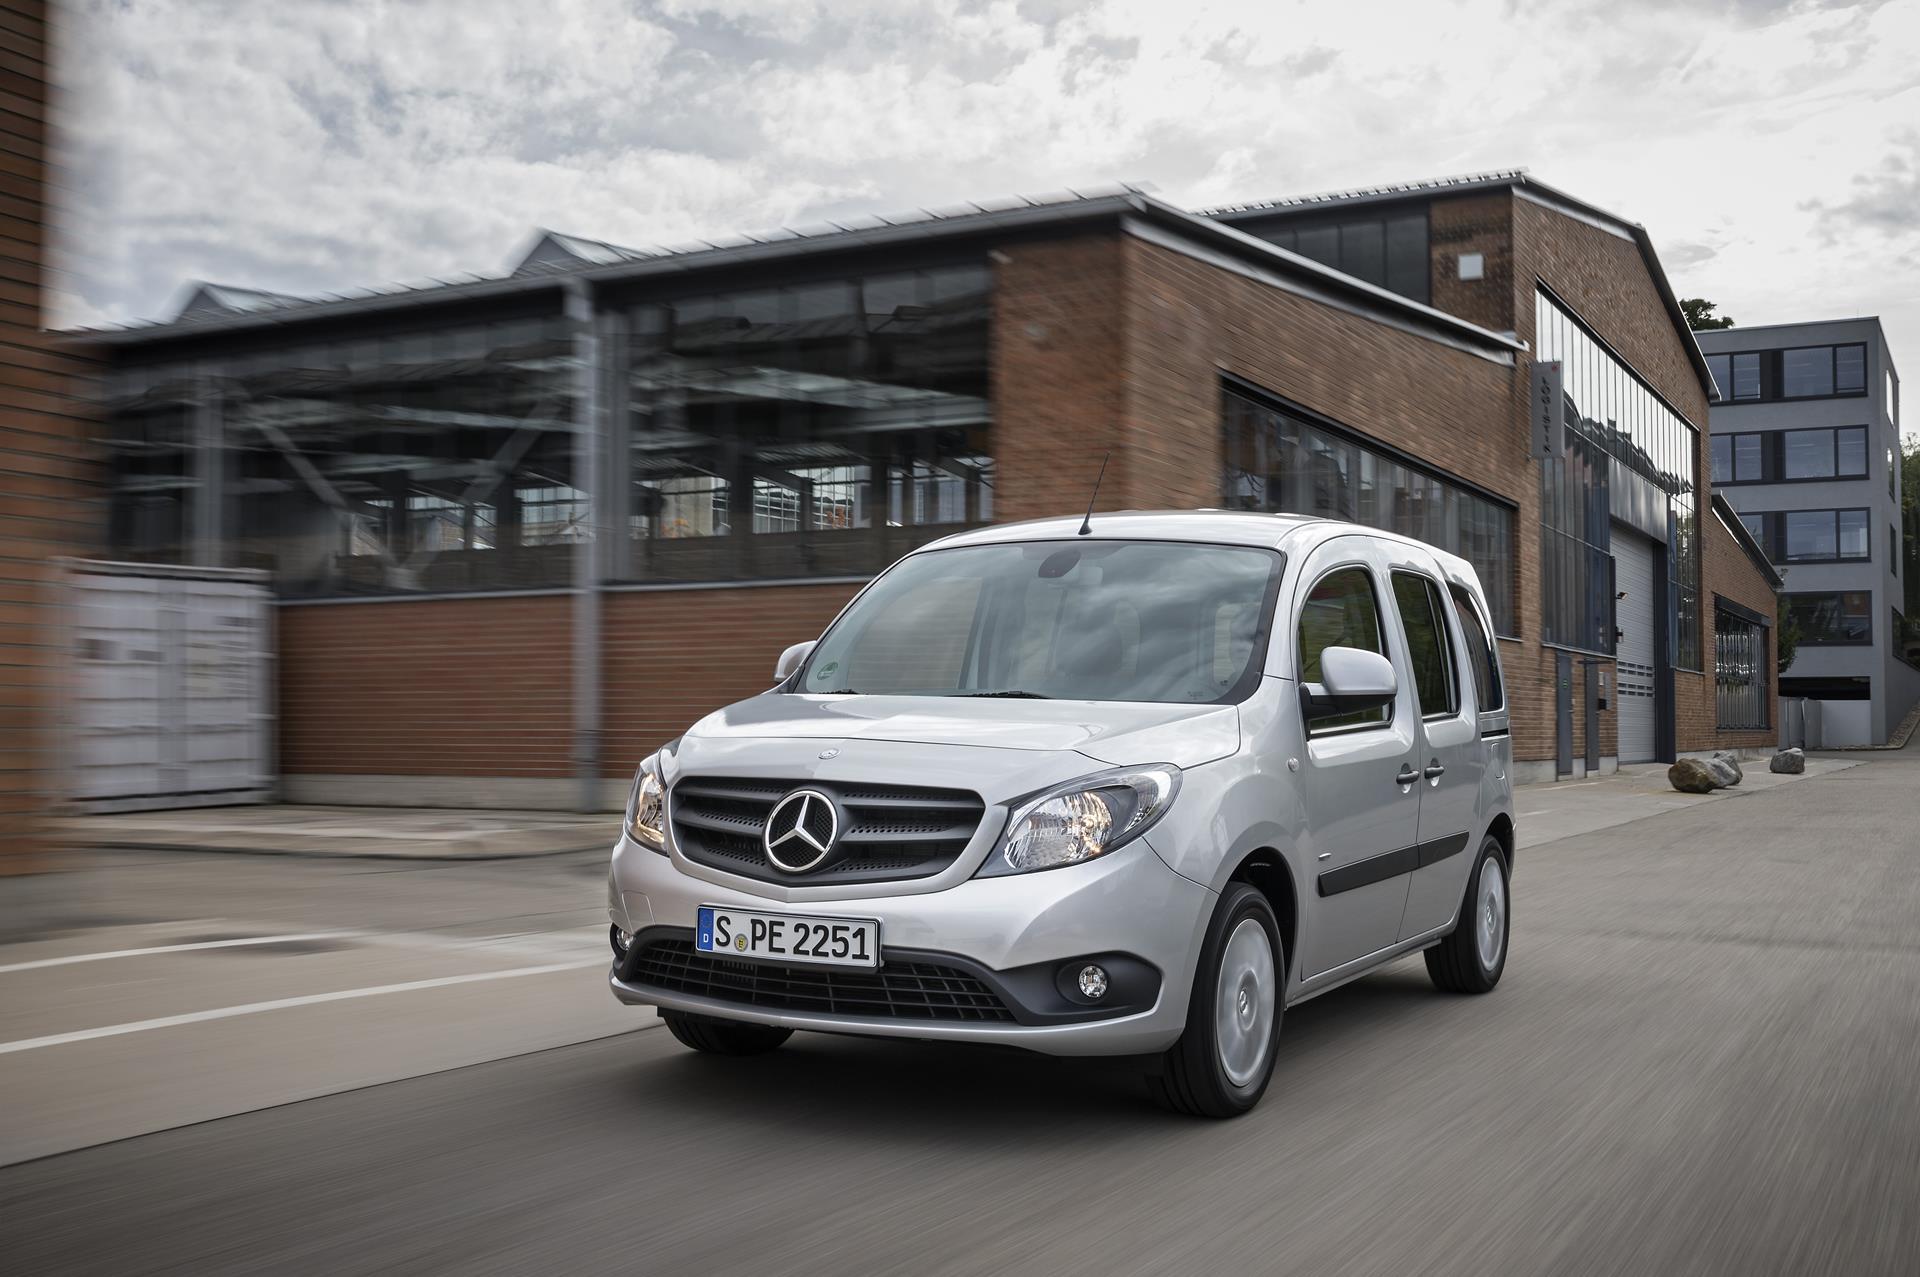 d11ec1d85f 2016 Mercedes-Benz Citan Delivery Van Wallpapers  HD  - DriveSpark